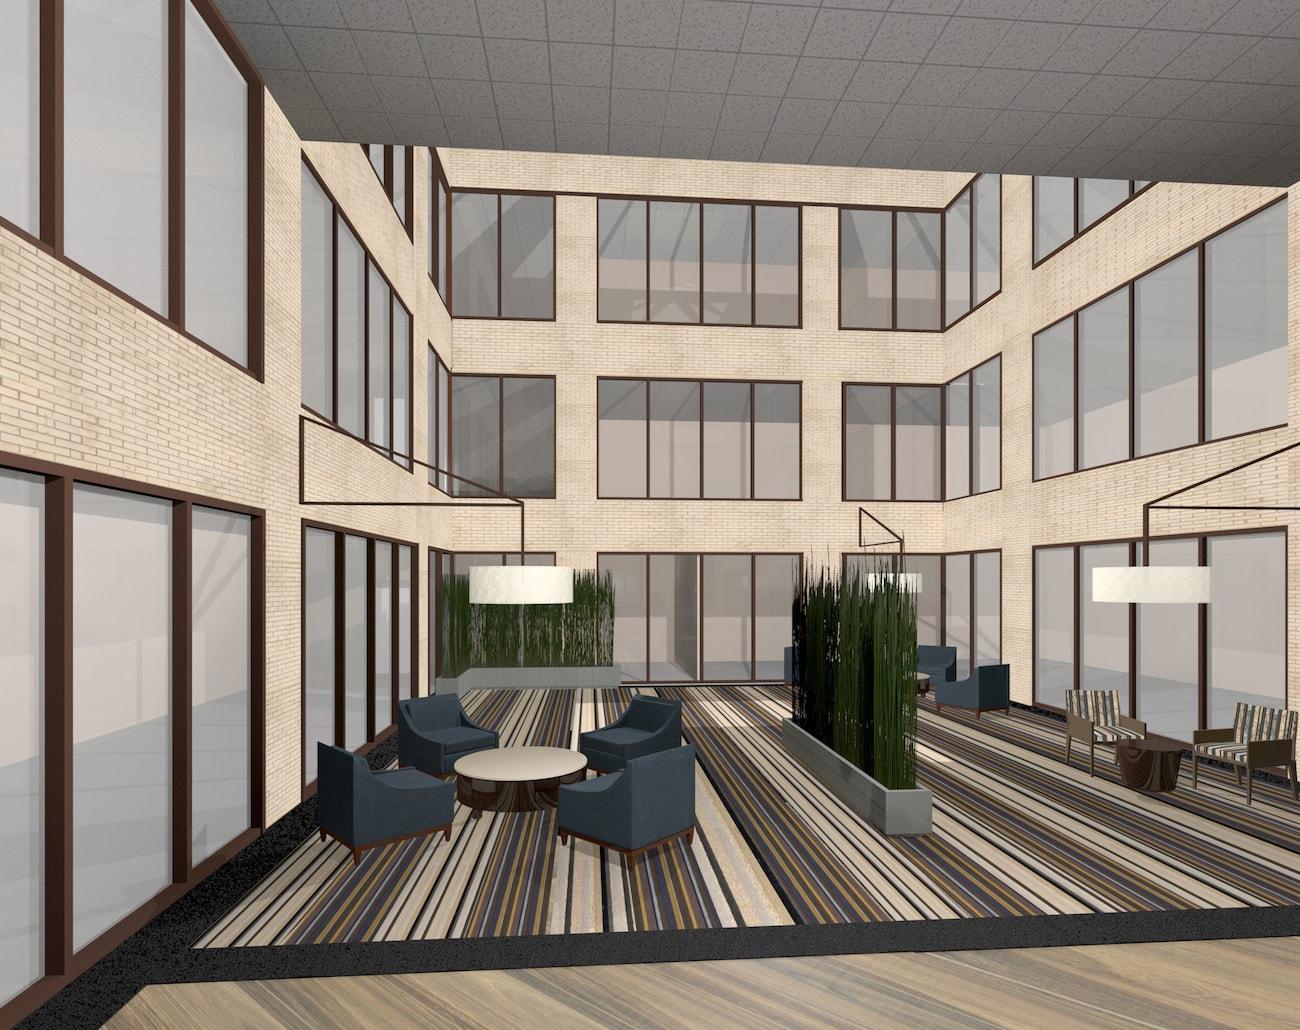 67 Interior Design Art Institute Houston Art Institute Chicago Modern Wing Piano 06